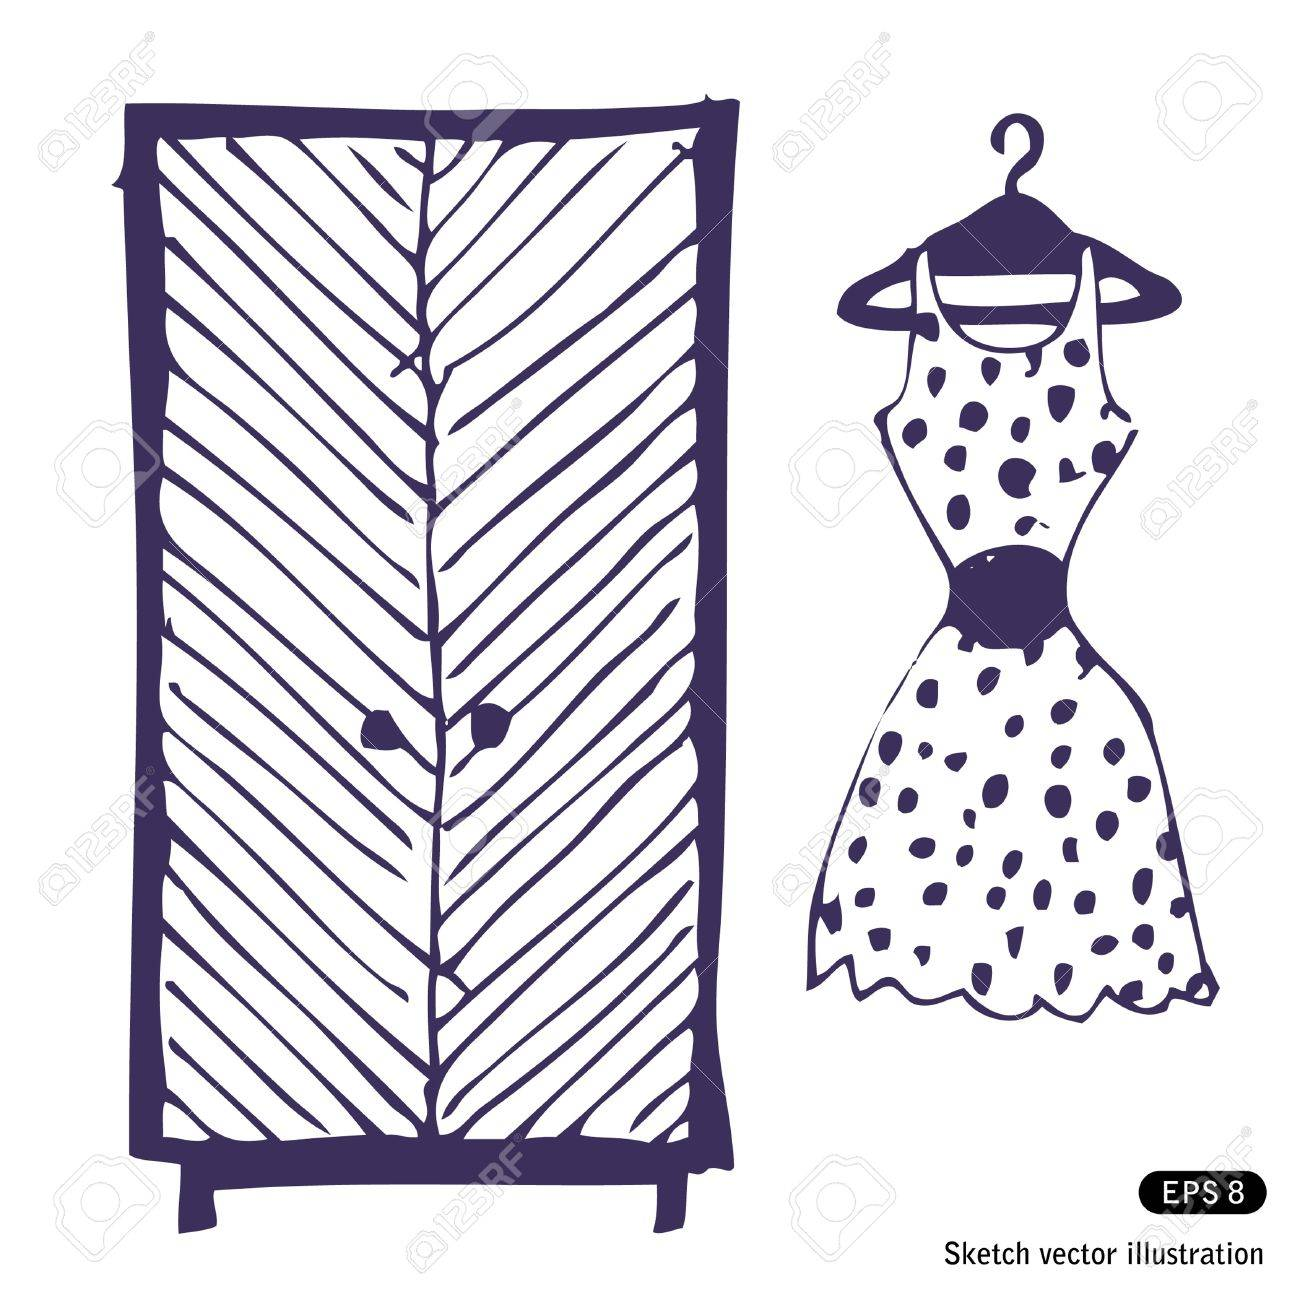 Kleiderschrank gezeichnet  Kleid Und Kleiderschrank. Hand Gezeichnet Vektorabbildung ...